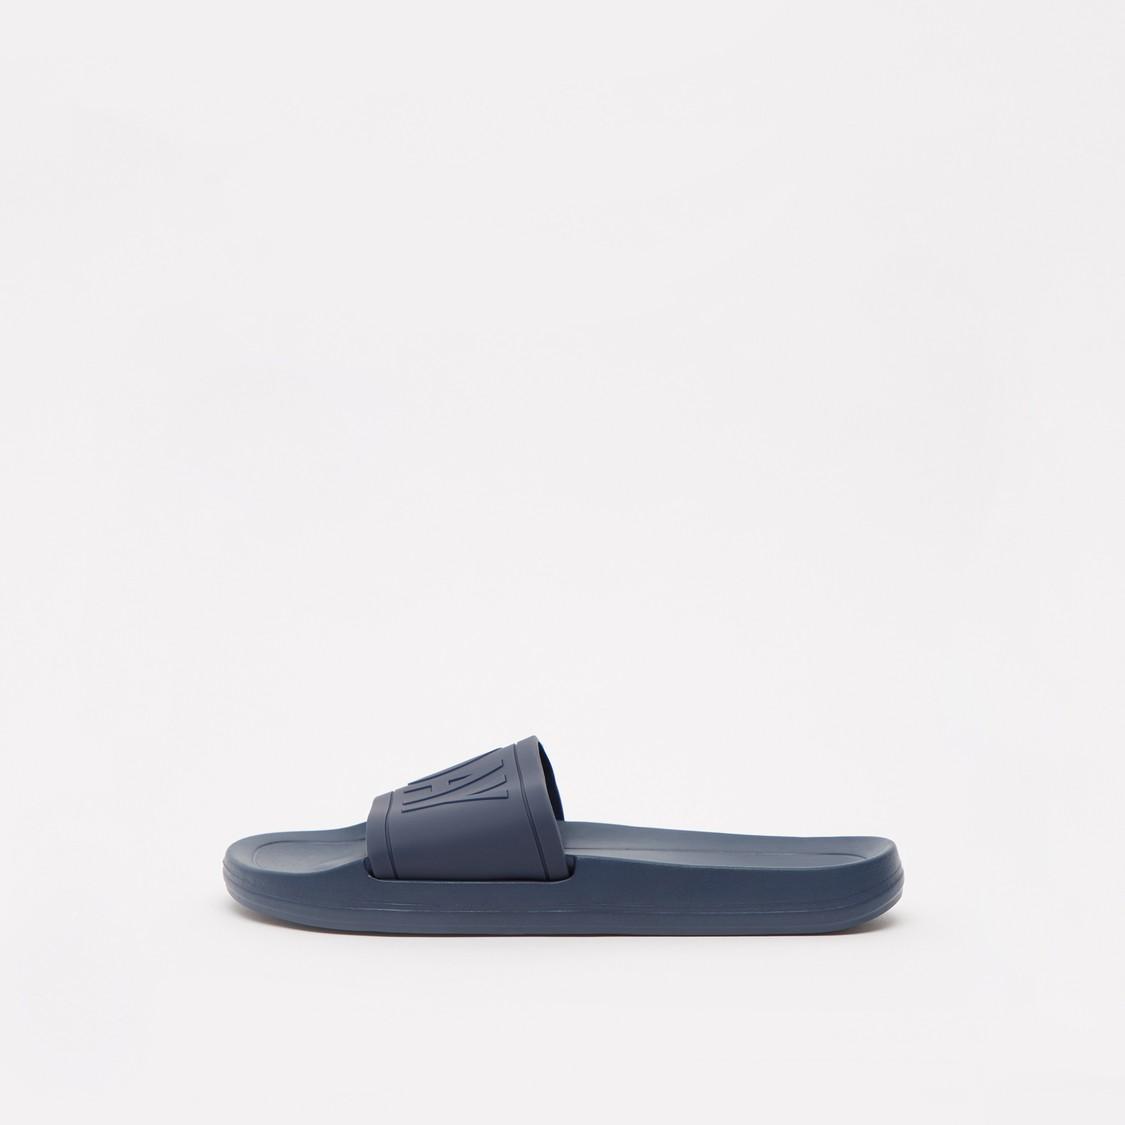 حذاء خفيف للشاطئ بطبعات مزخرفة